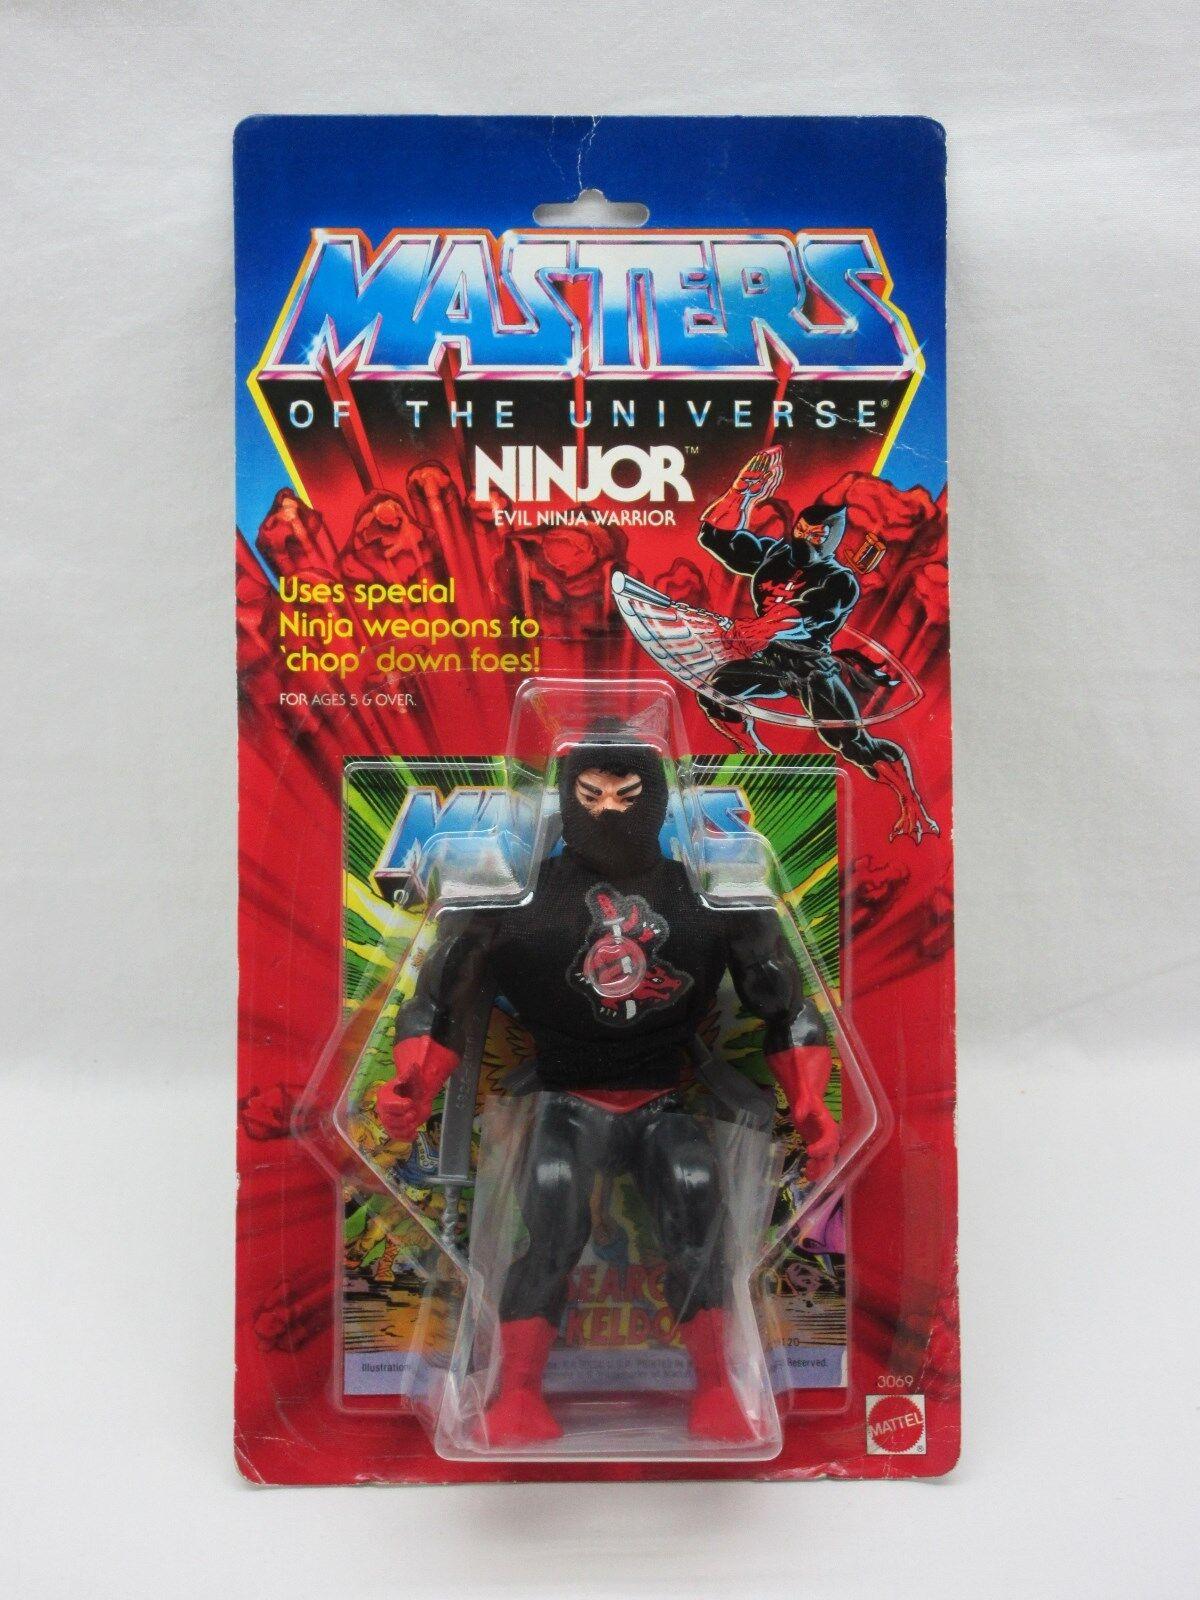 Amos del Universo, De Colección, Ninjor, Amos del Universo, menta en tarjeta, cardado, figura, he-man